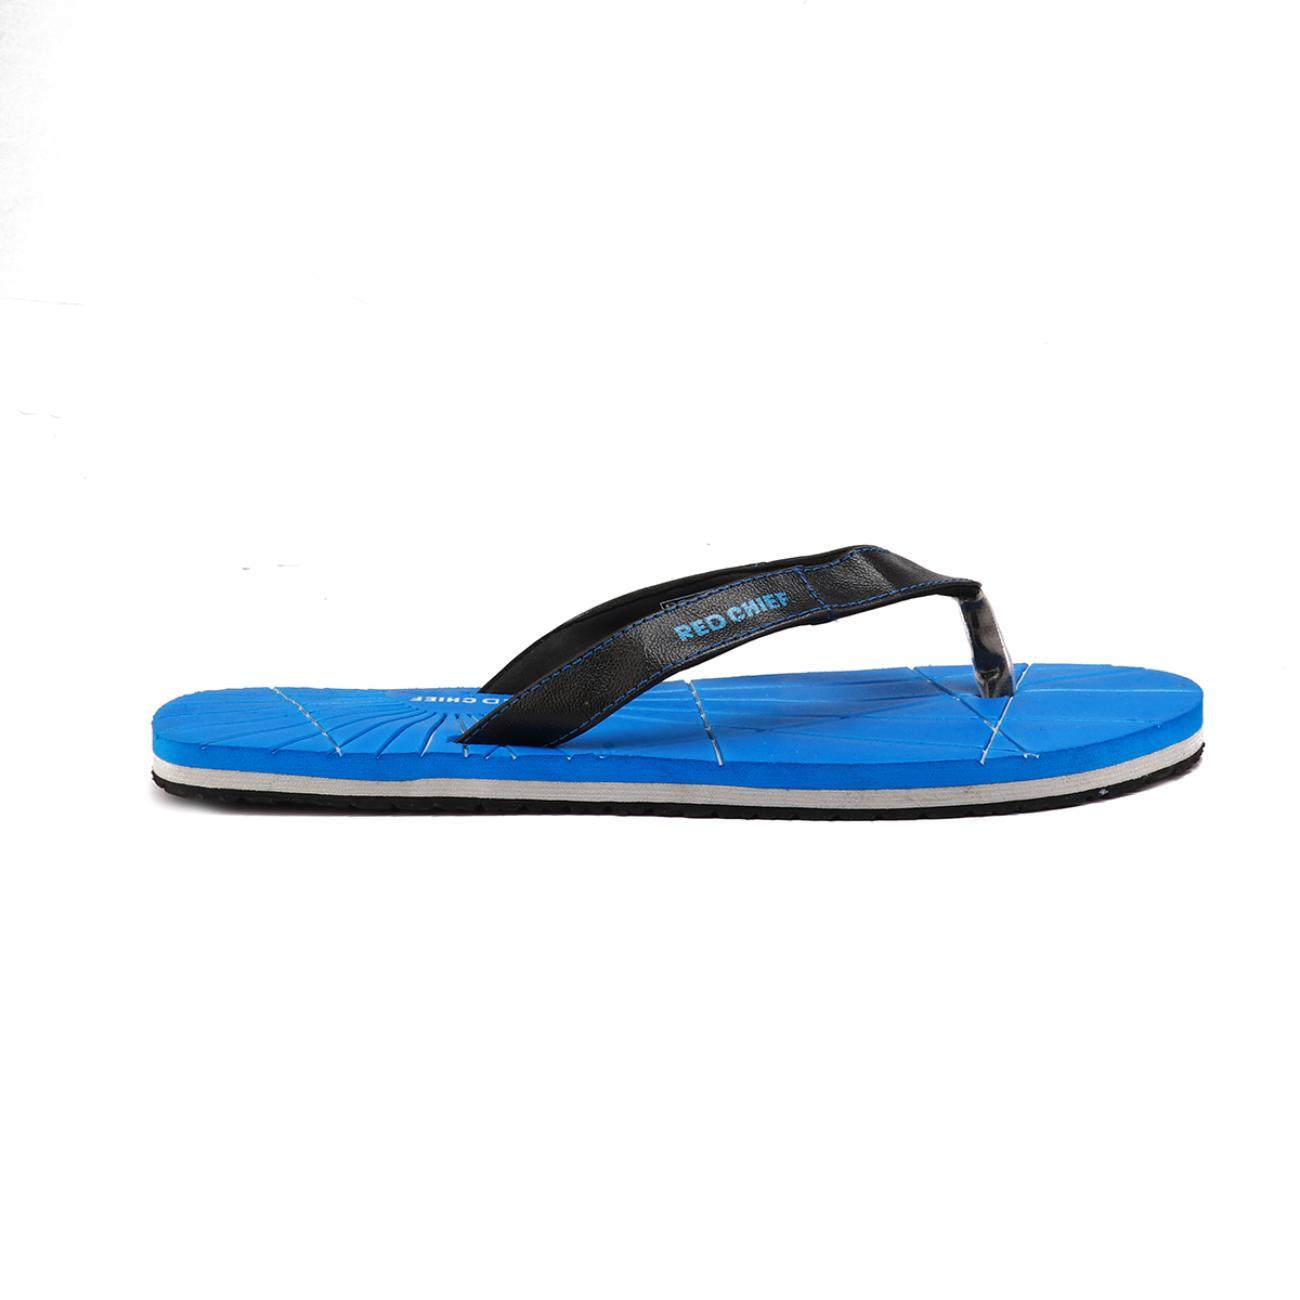 blue men's flip flop rubber sole